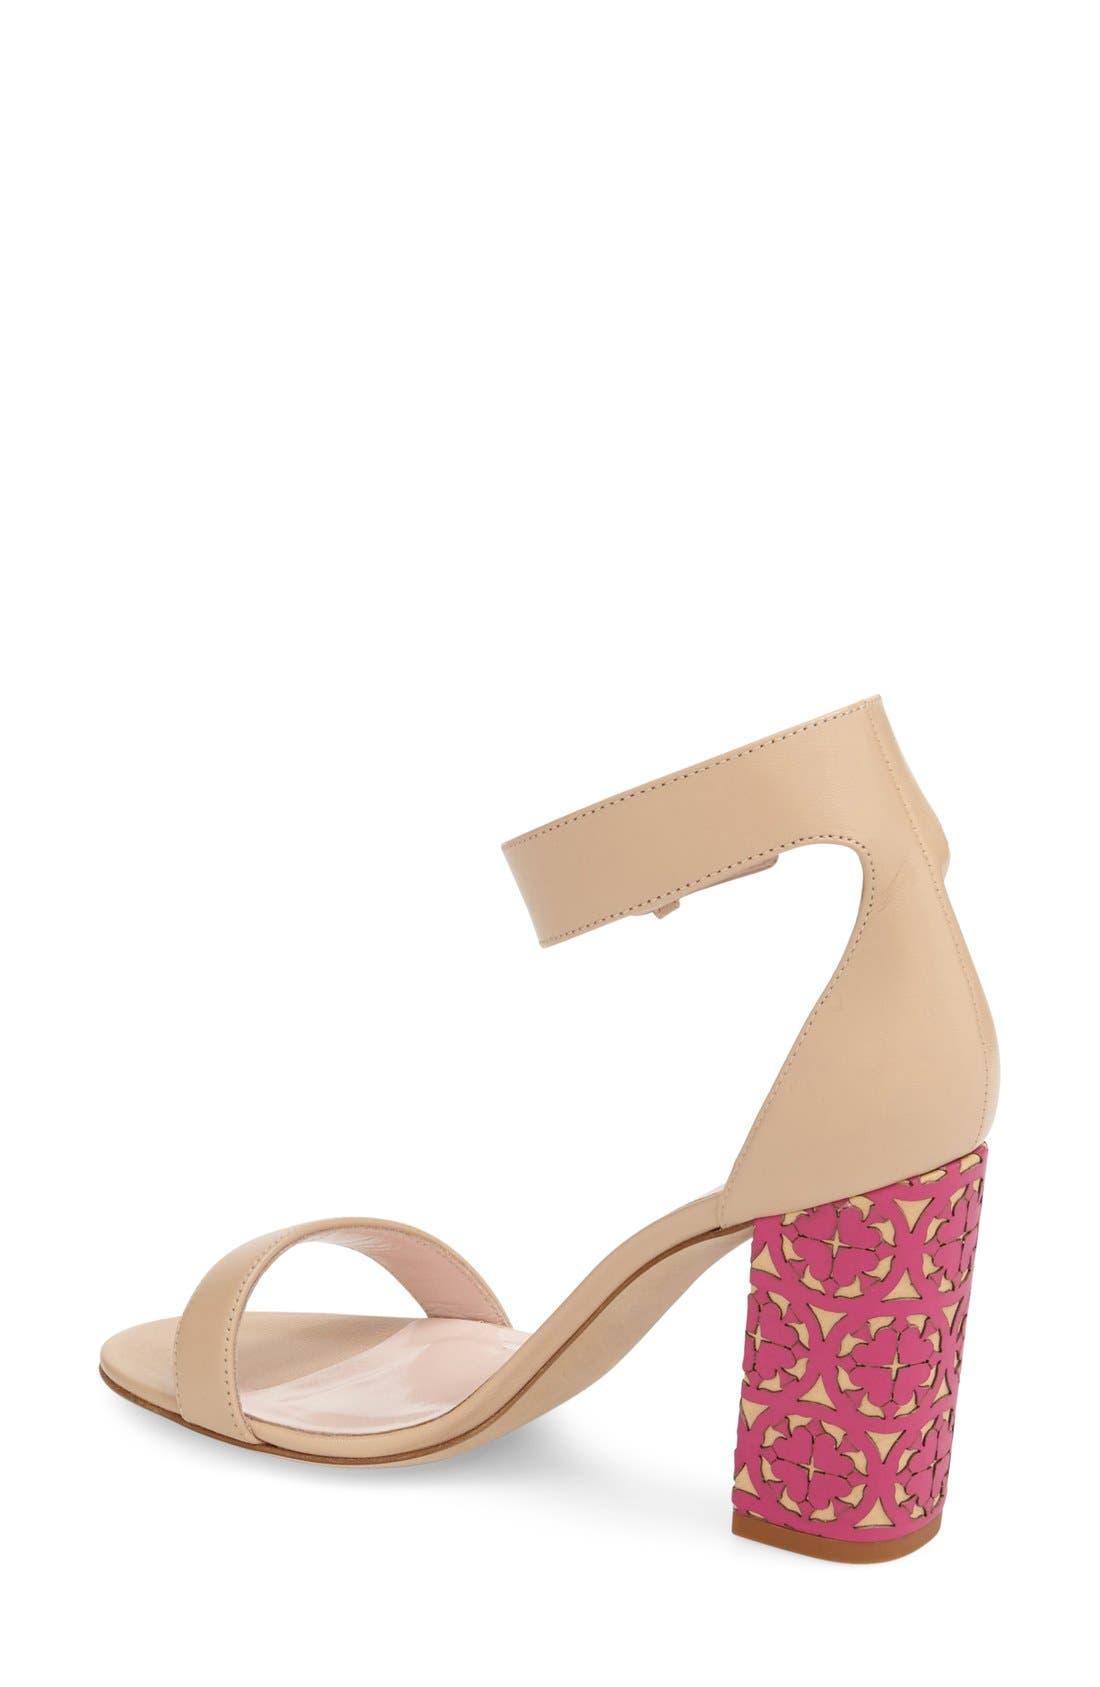 Alternate Image 2  - kate spade new york 'idelle' ankle strap block heel sandal (Women)